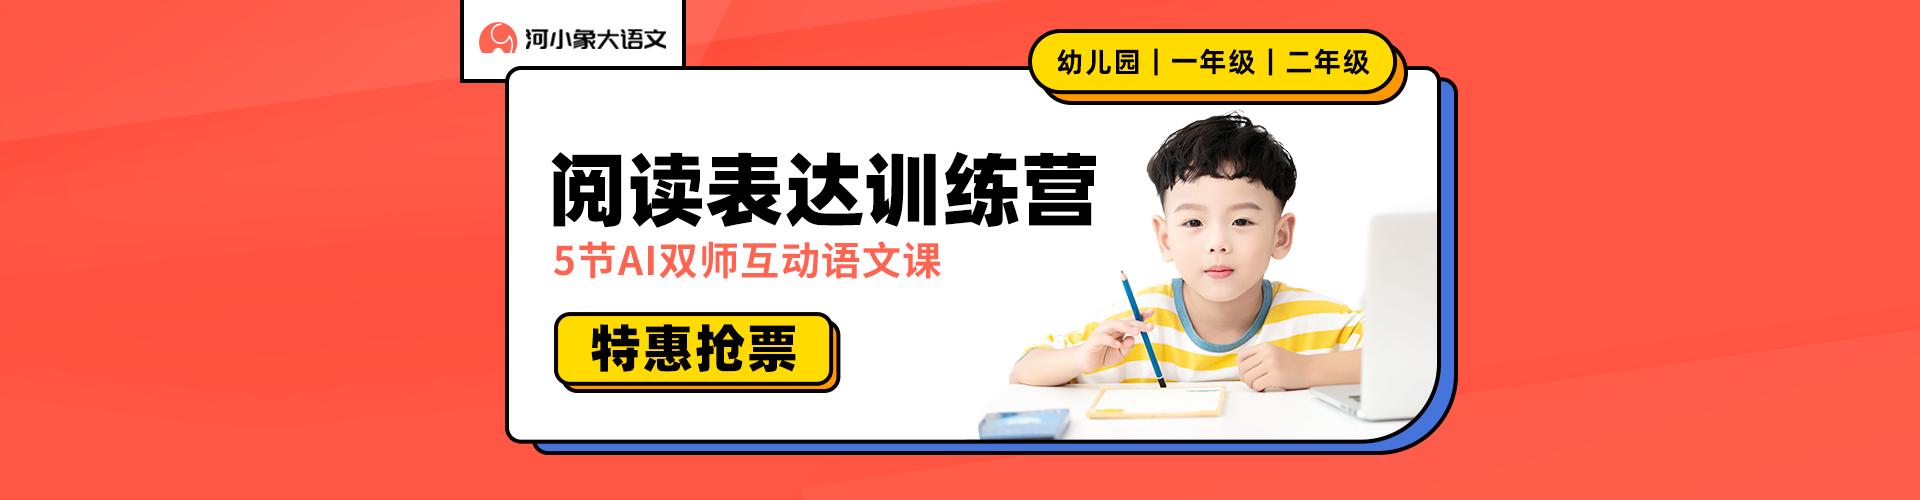 【仅限河小象大语文新用户】5-8岁阅读表达训练营,5节AI双师互动语文课